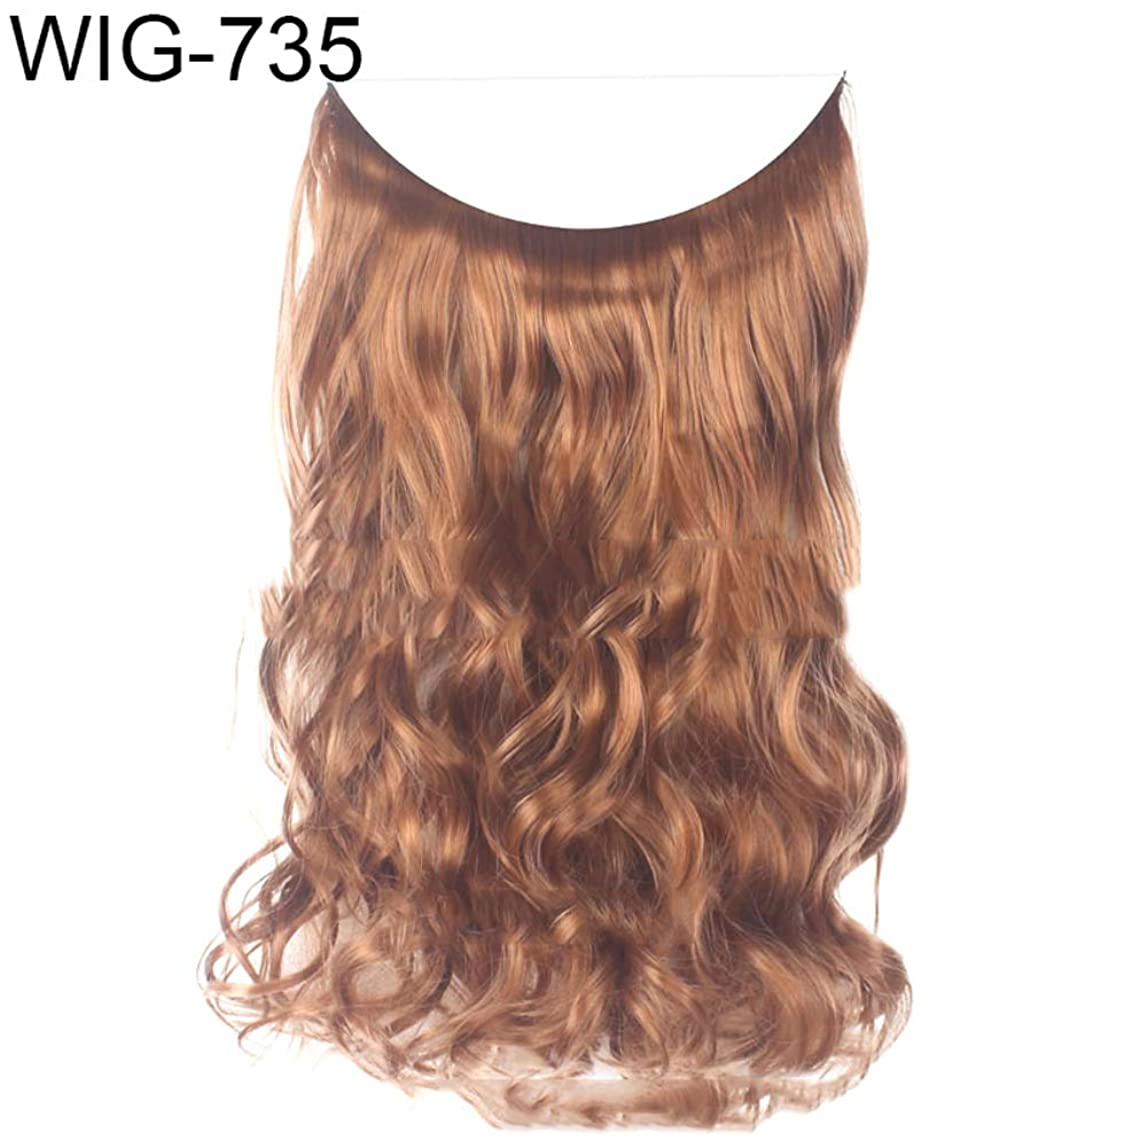 慣性熱意ピアノslQinjiansav女性ウィッグ修理ツール女性高温繊維長いストレートカーリーウィッグヘアエクステンションヘアピース